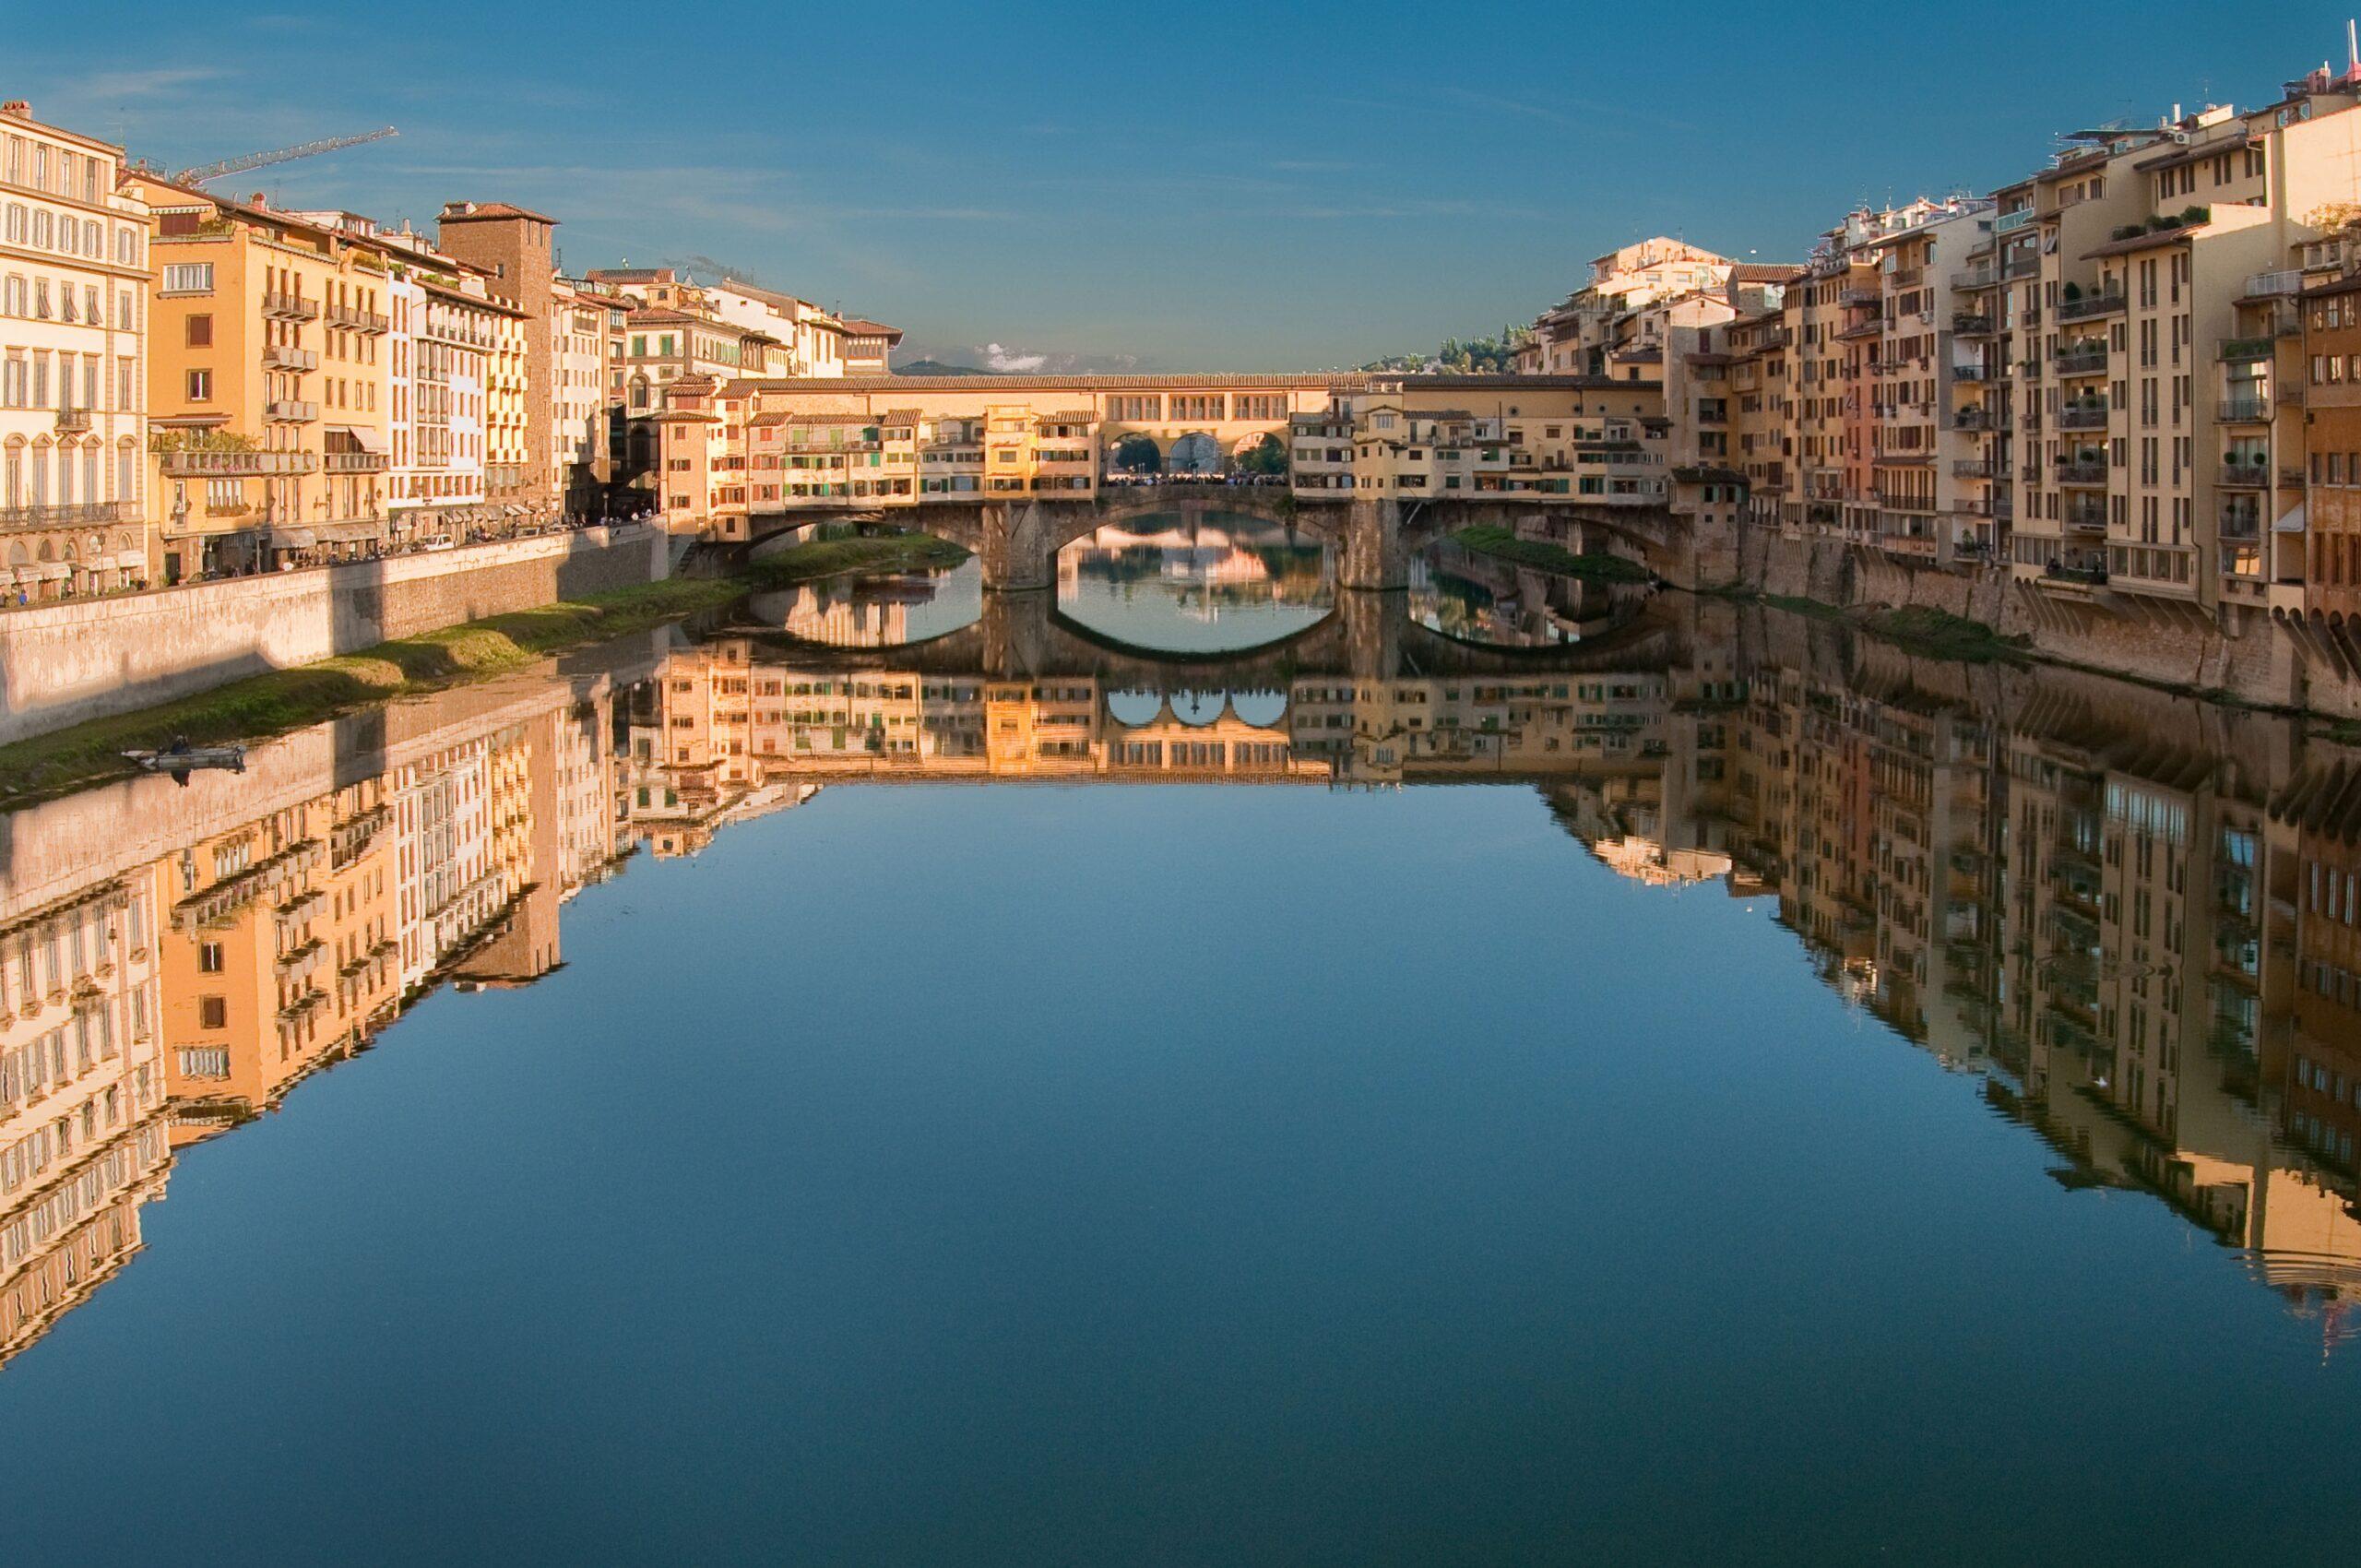 Флоренция Понтевеккьо - Экскурсия из Рима